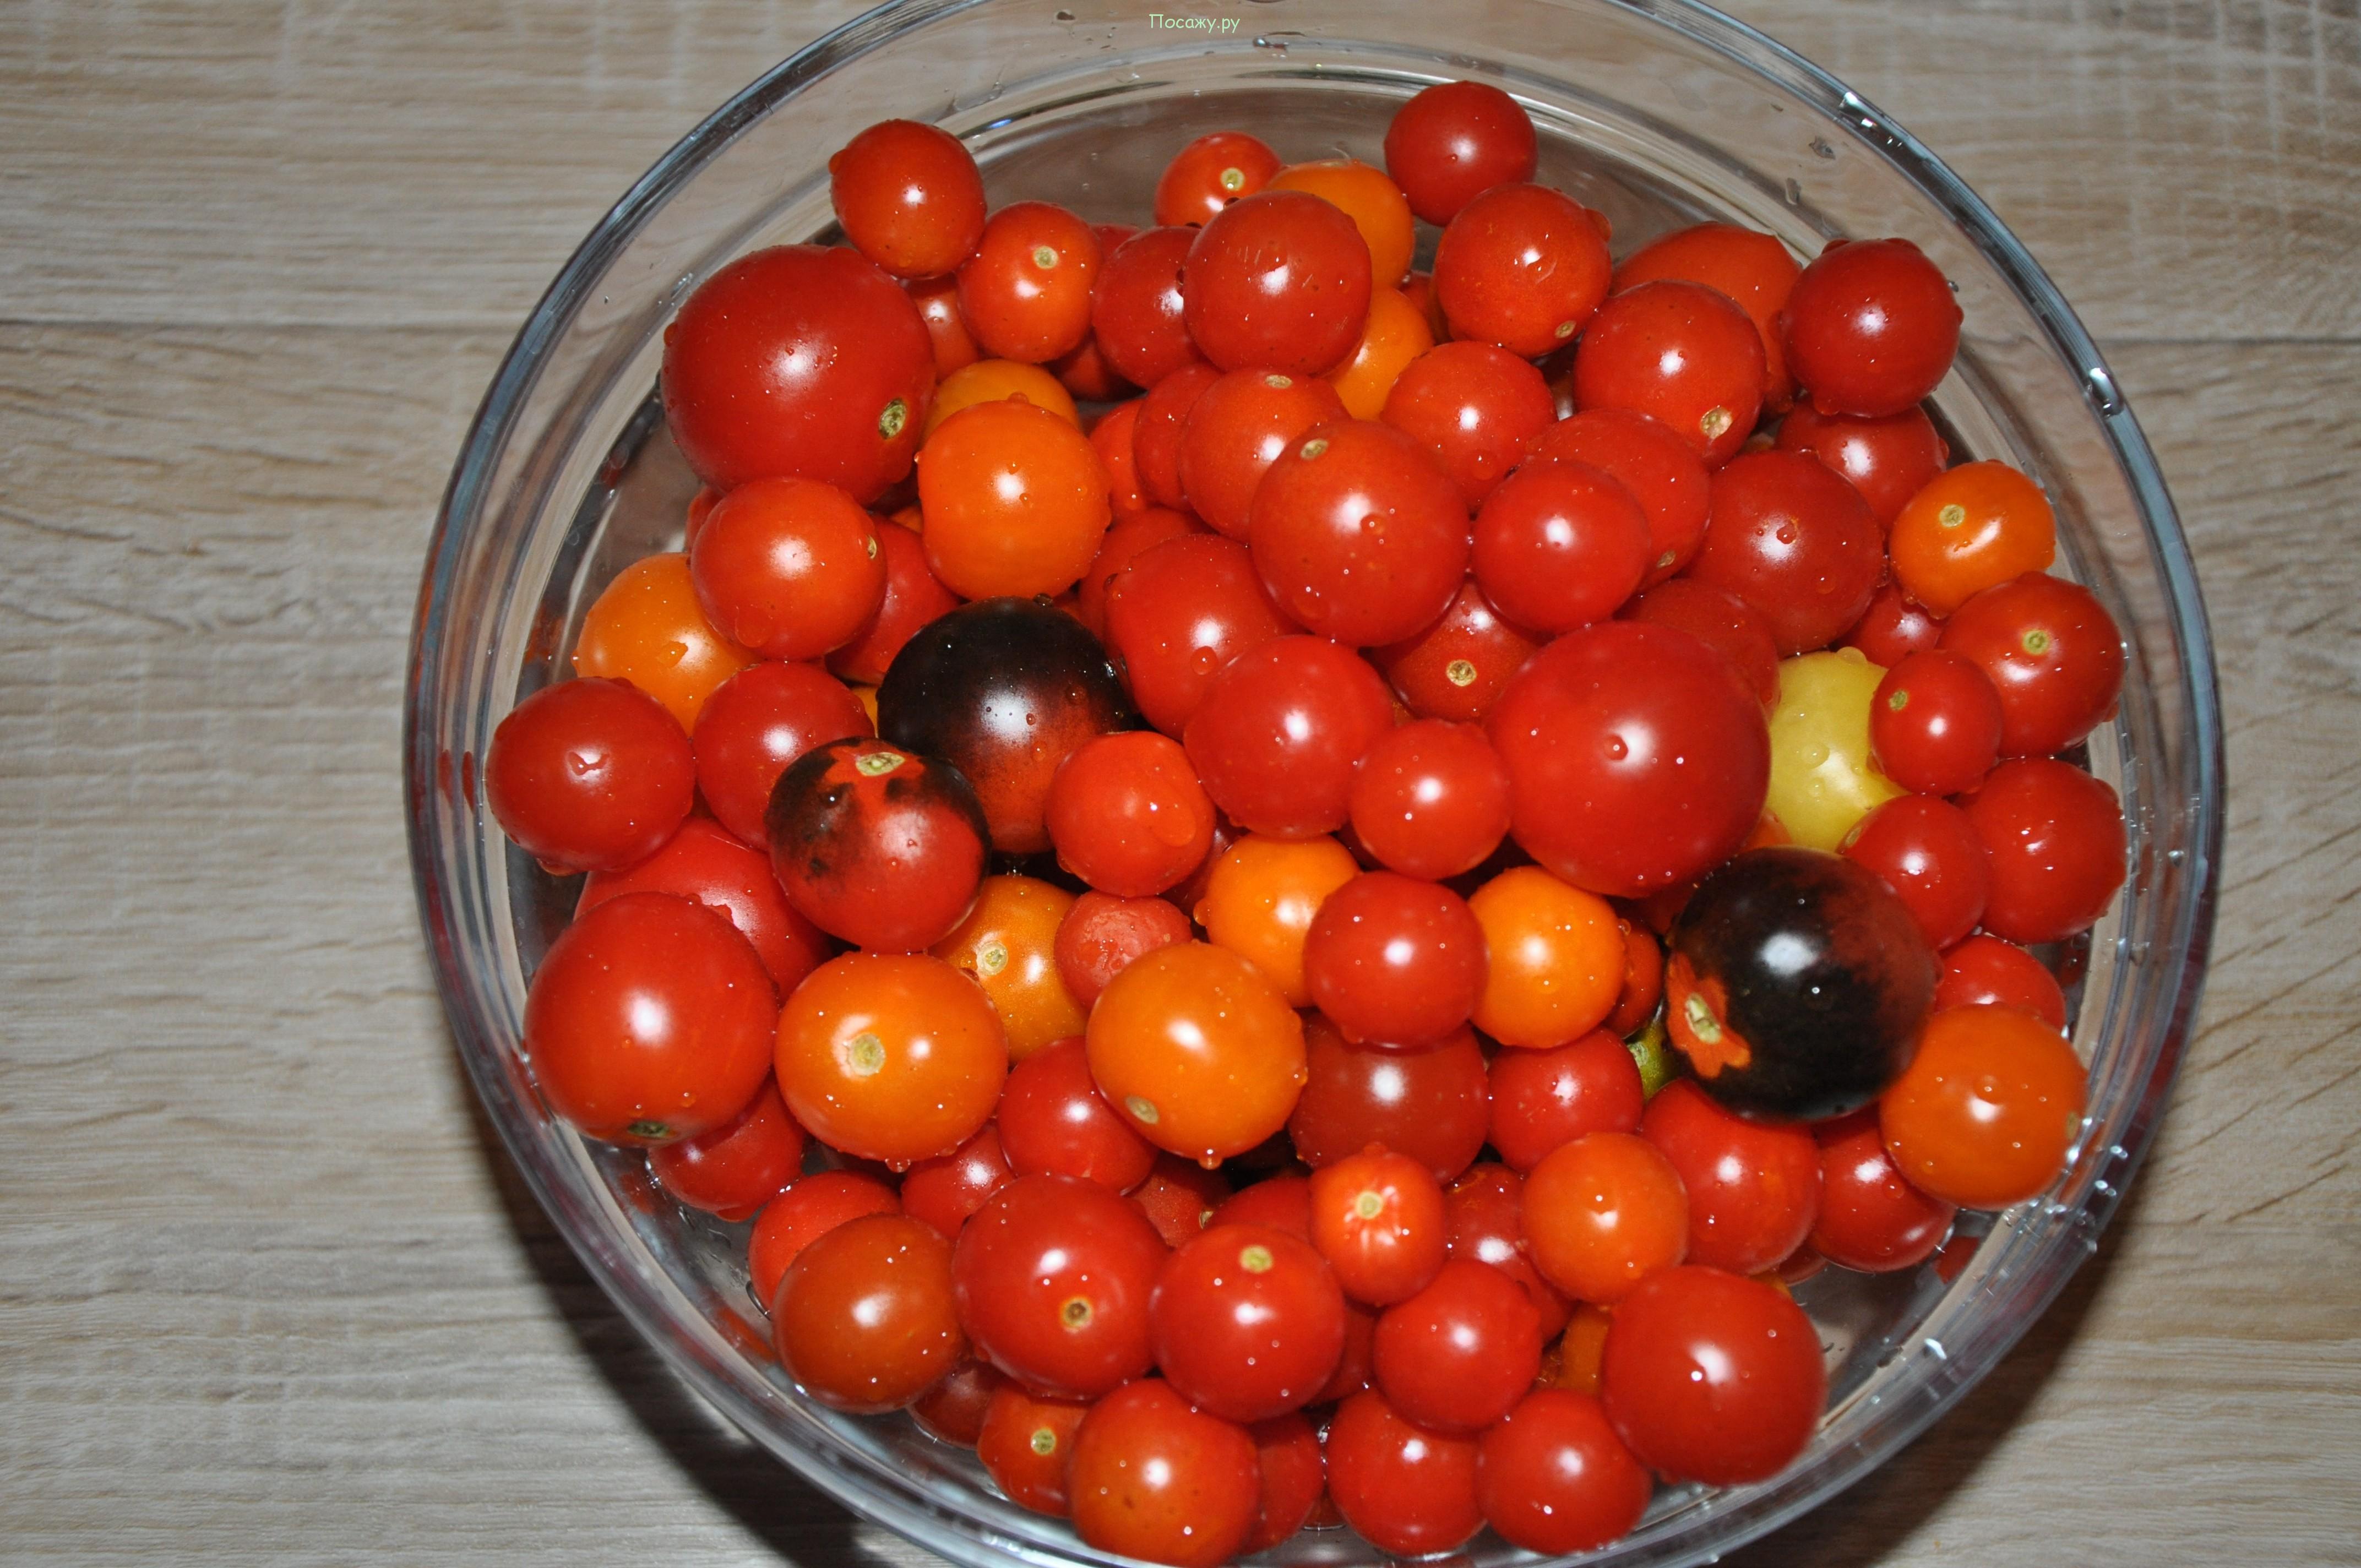 перебираем помидоры